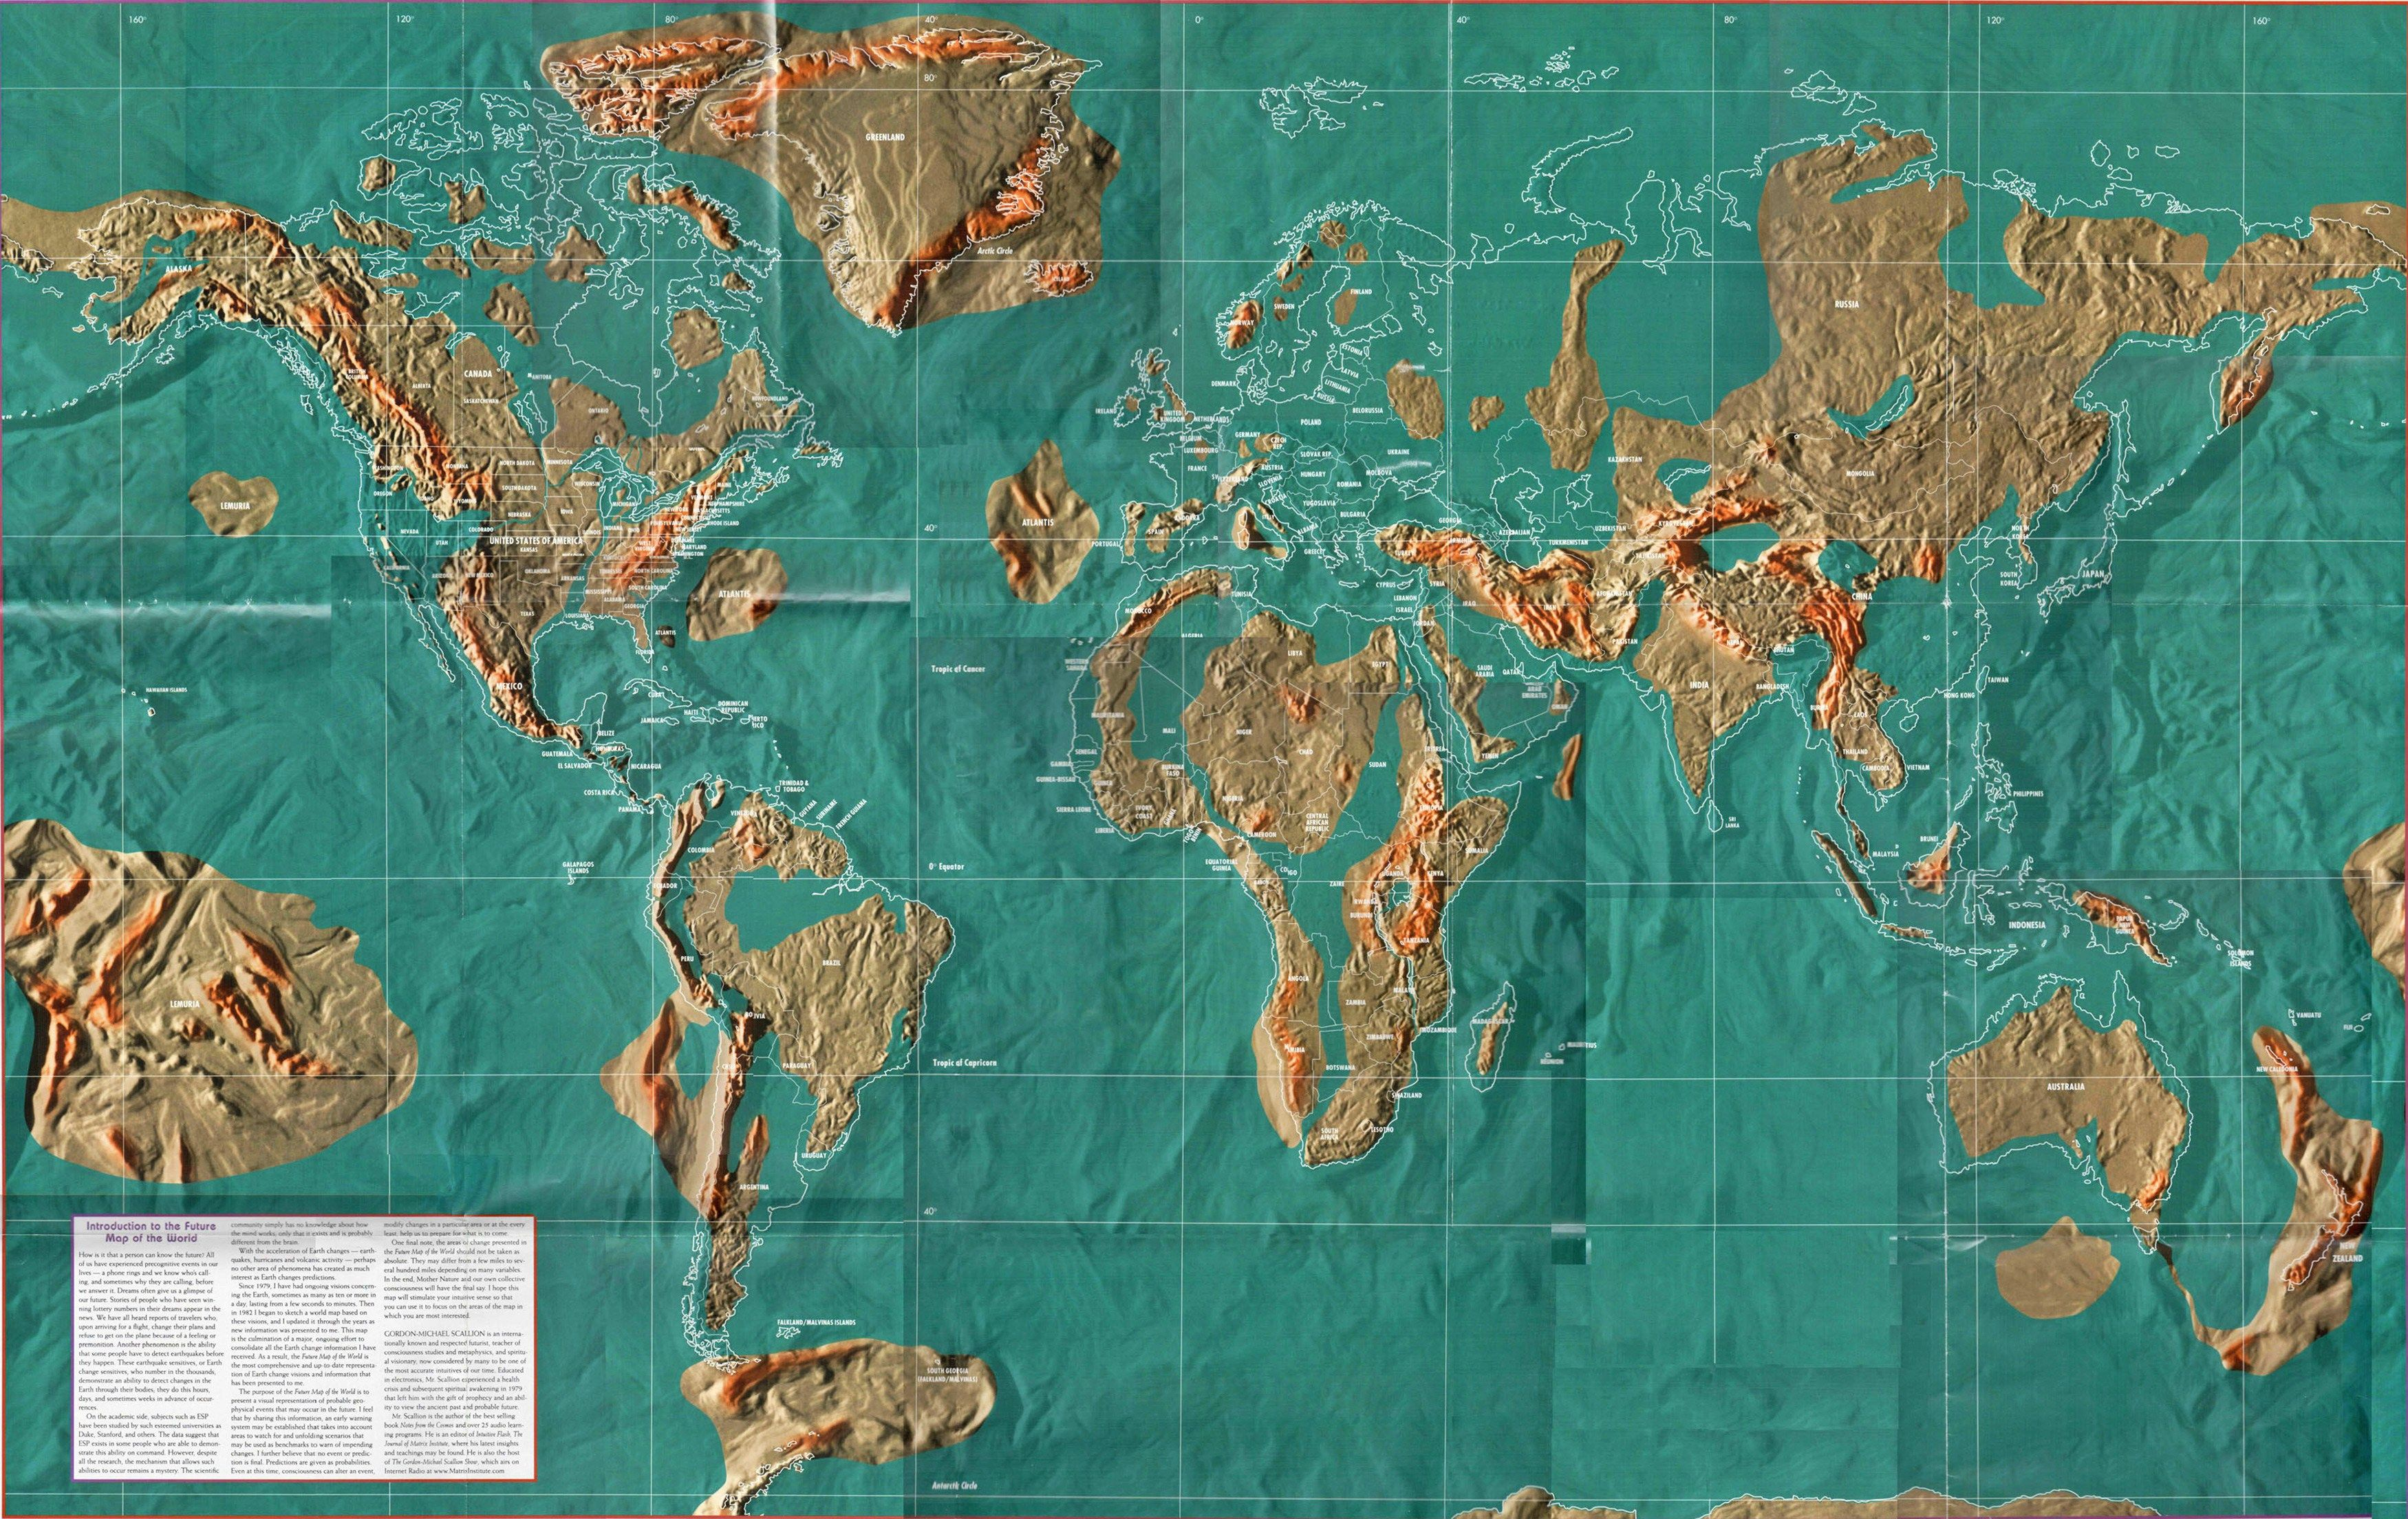 Gordon Michael Scallion Ist Ein International Bekannter Und Respektierter Zukunftsforscher Lehrer Im Bereich Von Bewusstseinss Fantasie Karte Weltkarte Karten